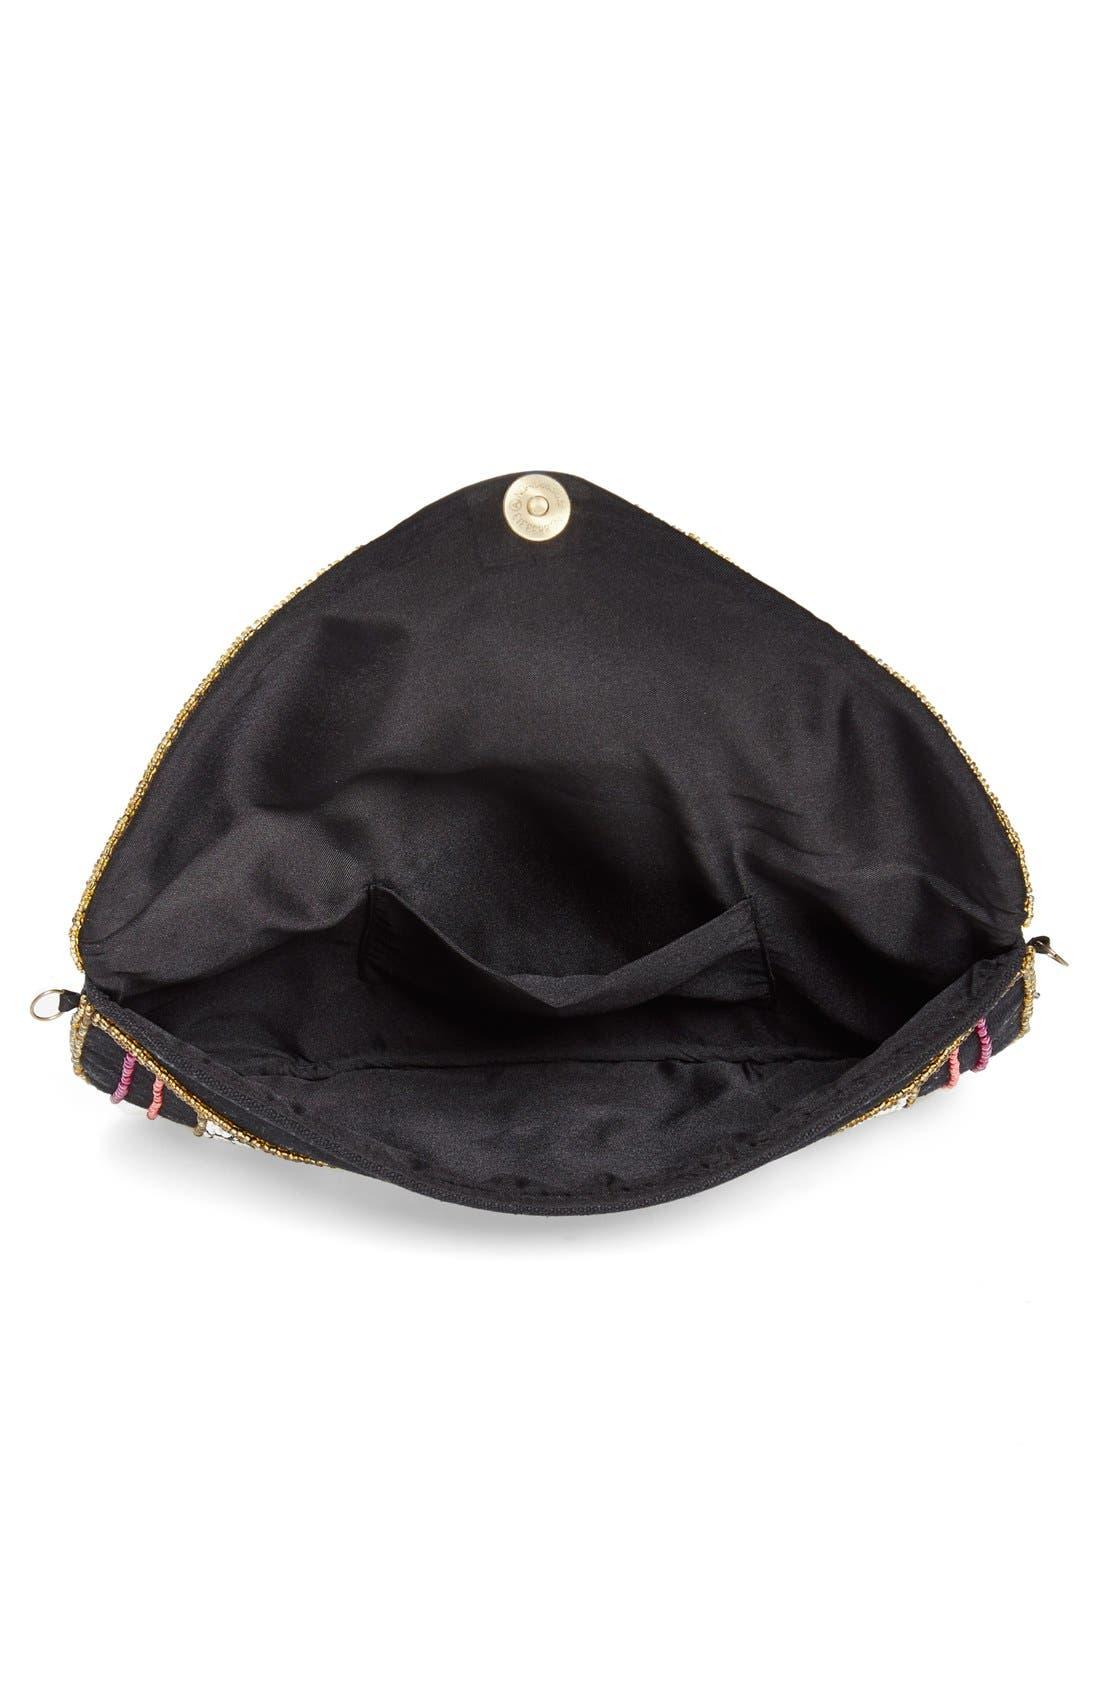 Alternate Image 3  - Street Level Beaded Crossbody Bag